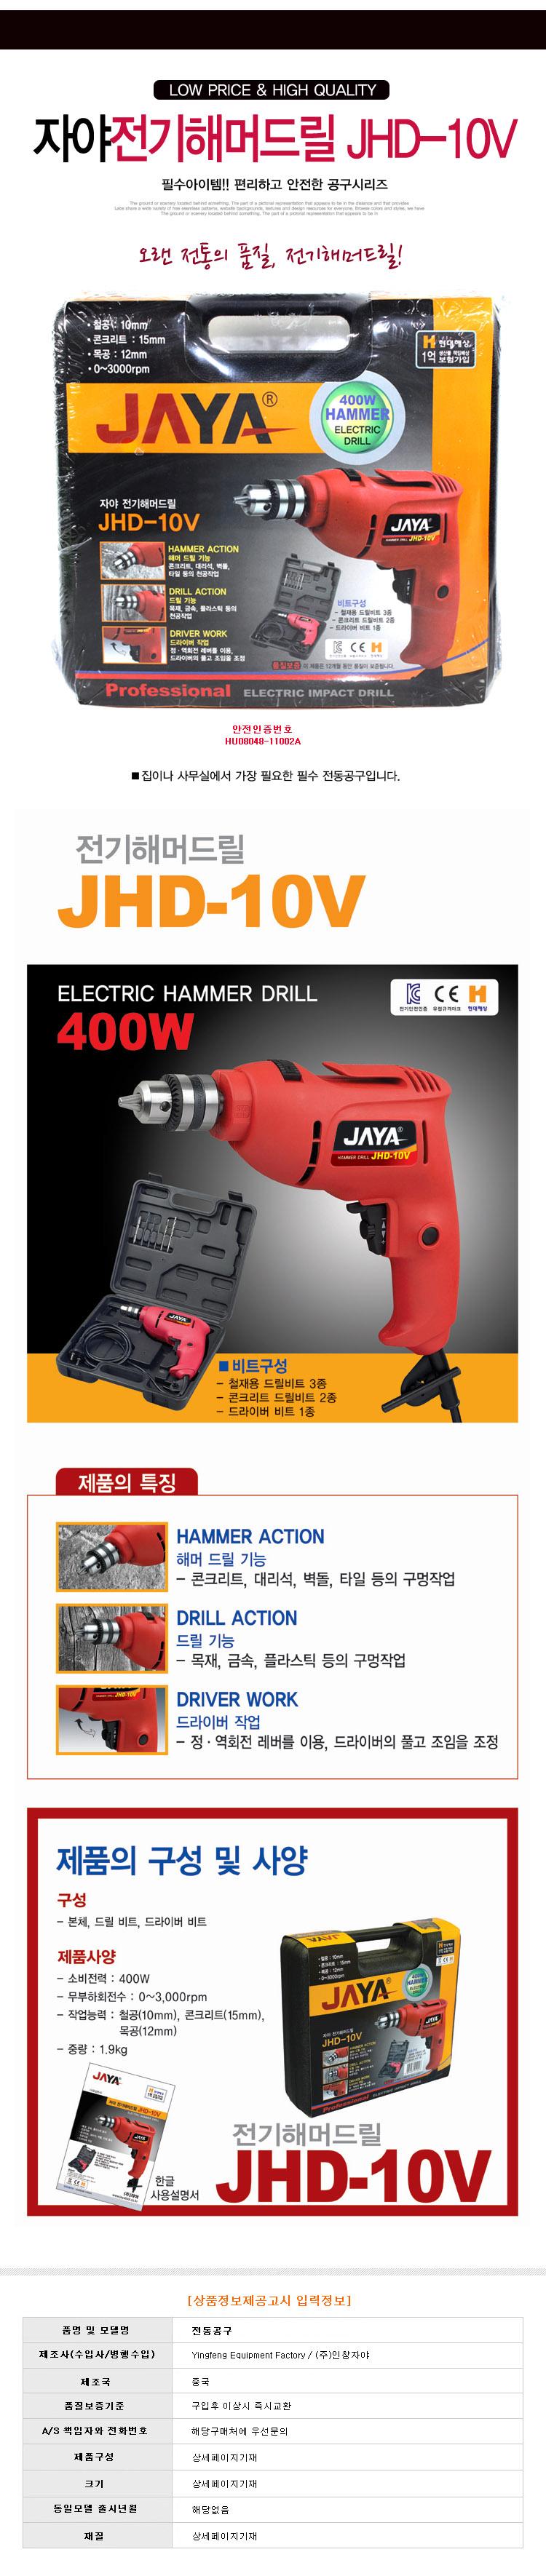 자야 전기 해머 드릴 JHD-10V (전동 드라이버)